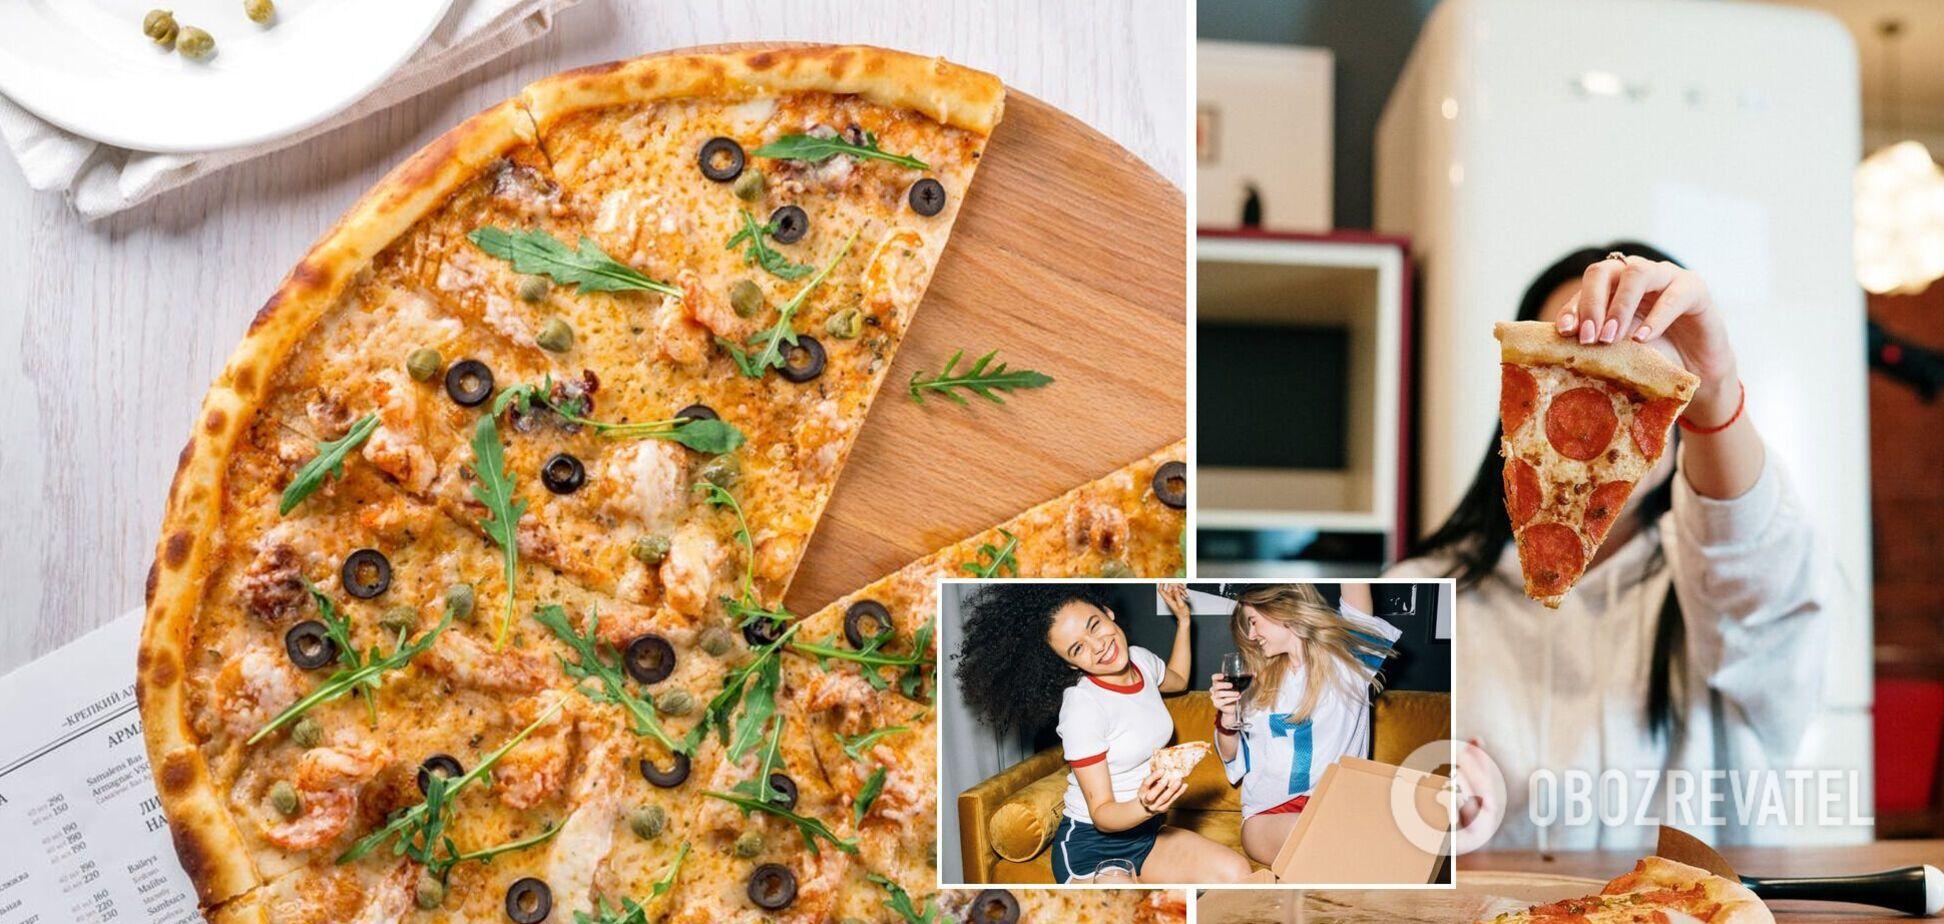 Піца на сковорідці з двох видів тіста нашвидкуруч